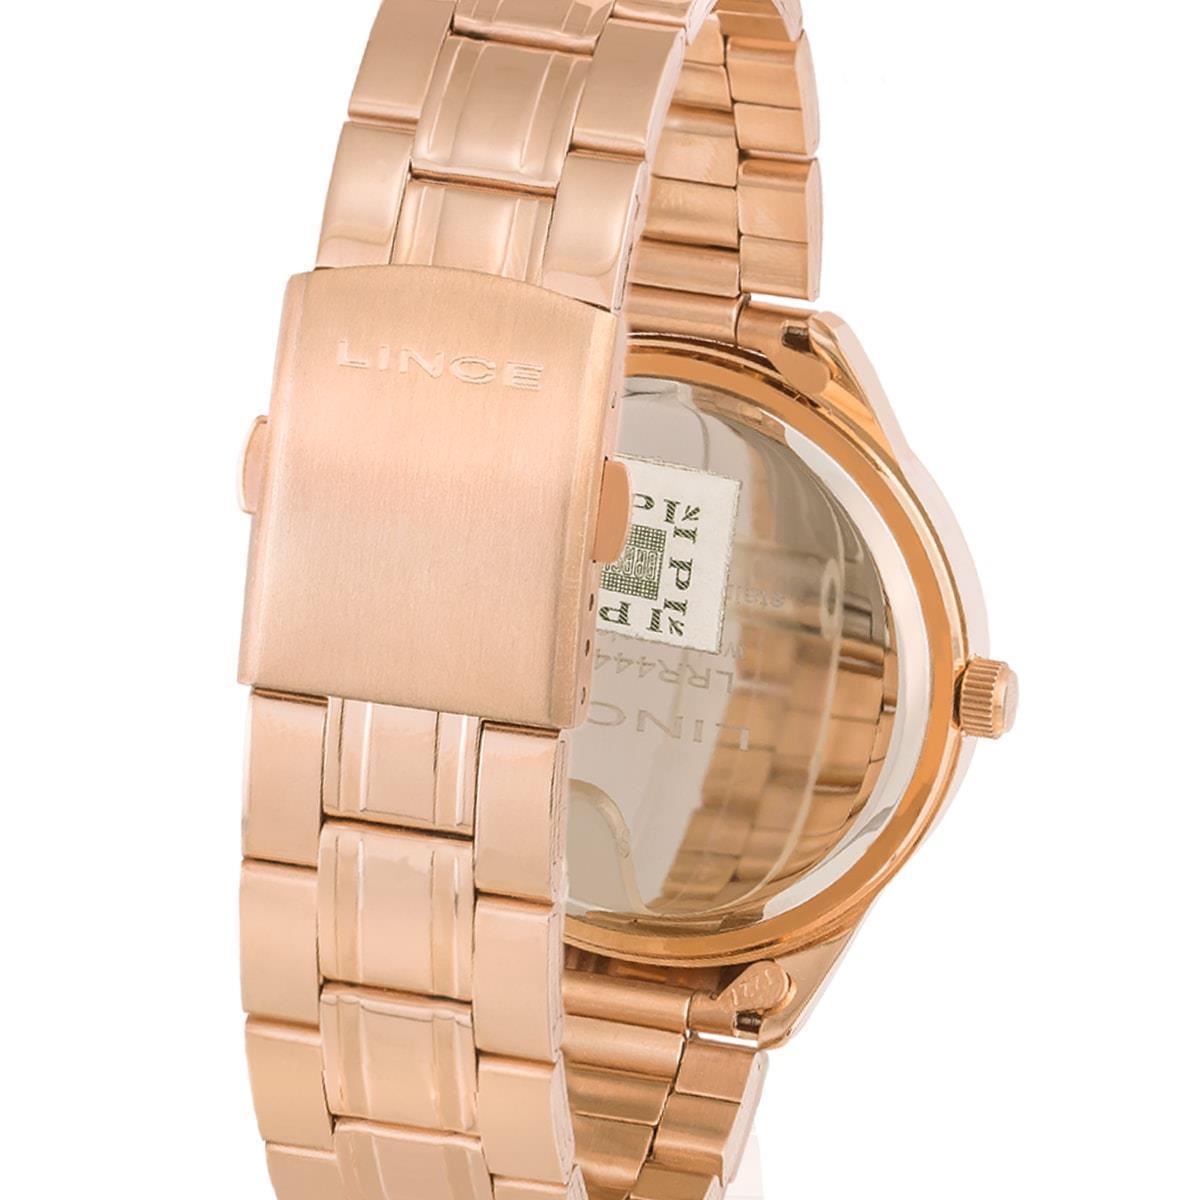 f03e9c45bde Relógio Feminino Lince Analógico LRR4440L R2RX Rose Produto não disponível